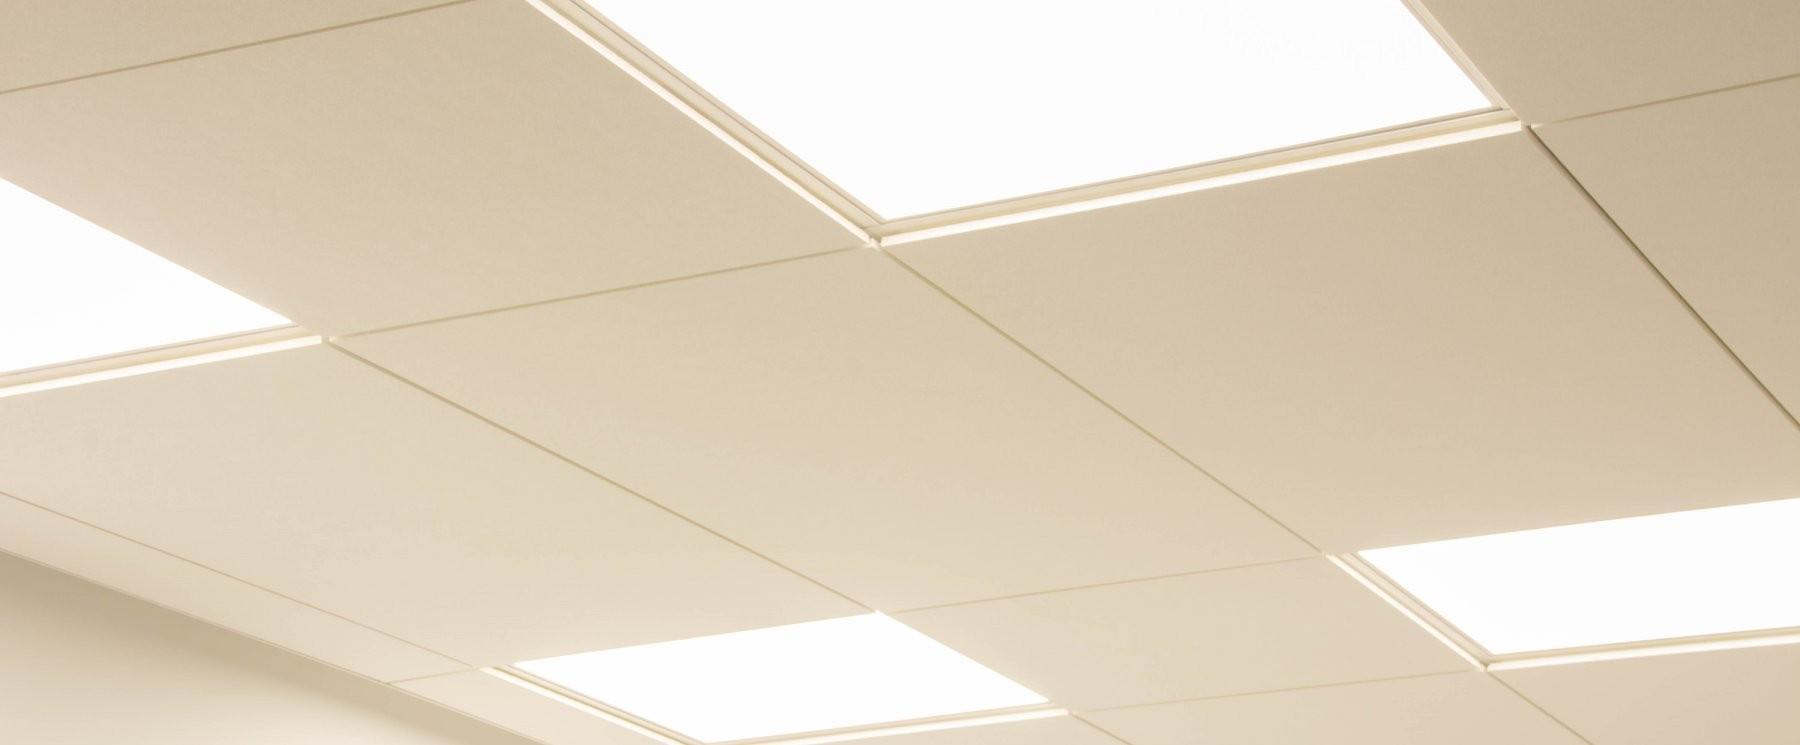 Stropna LED razsvetljava nudi optimalne pogoje